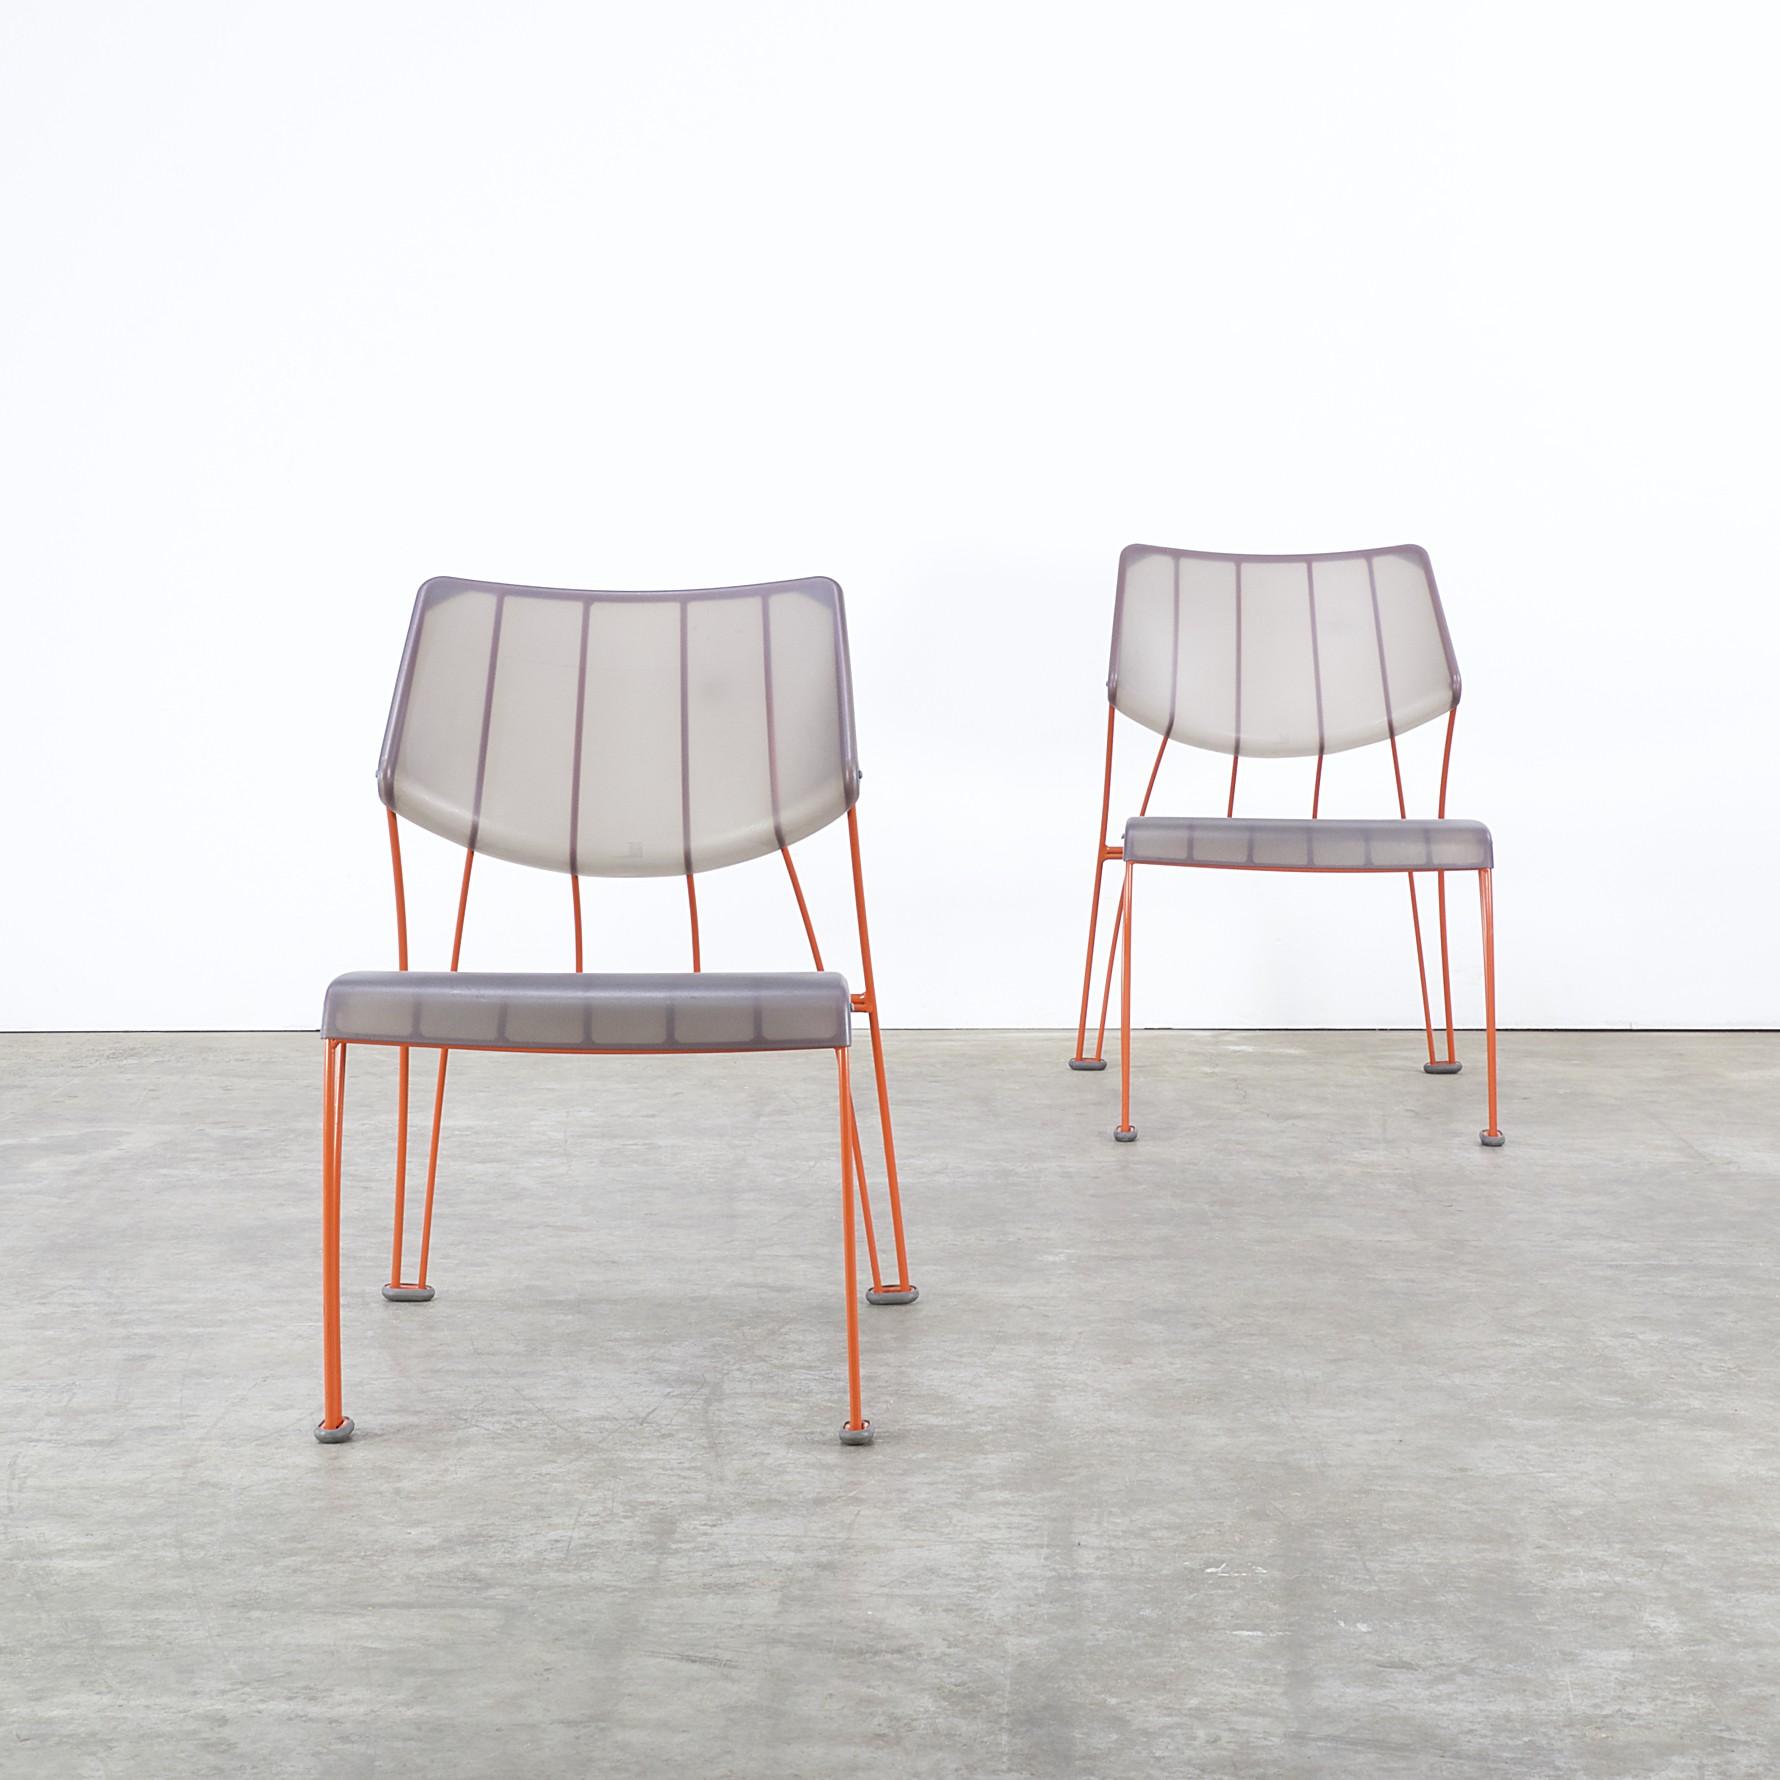 g nial chilienne ikea id es de bain de soleil. Black Bedroom Furniture Sets. Home Design Ideas